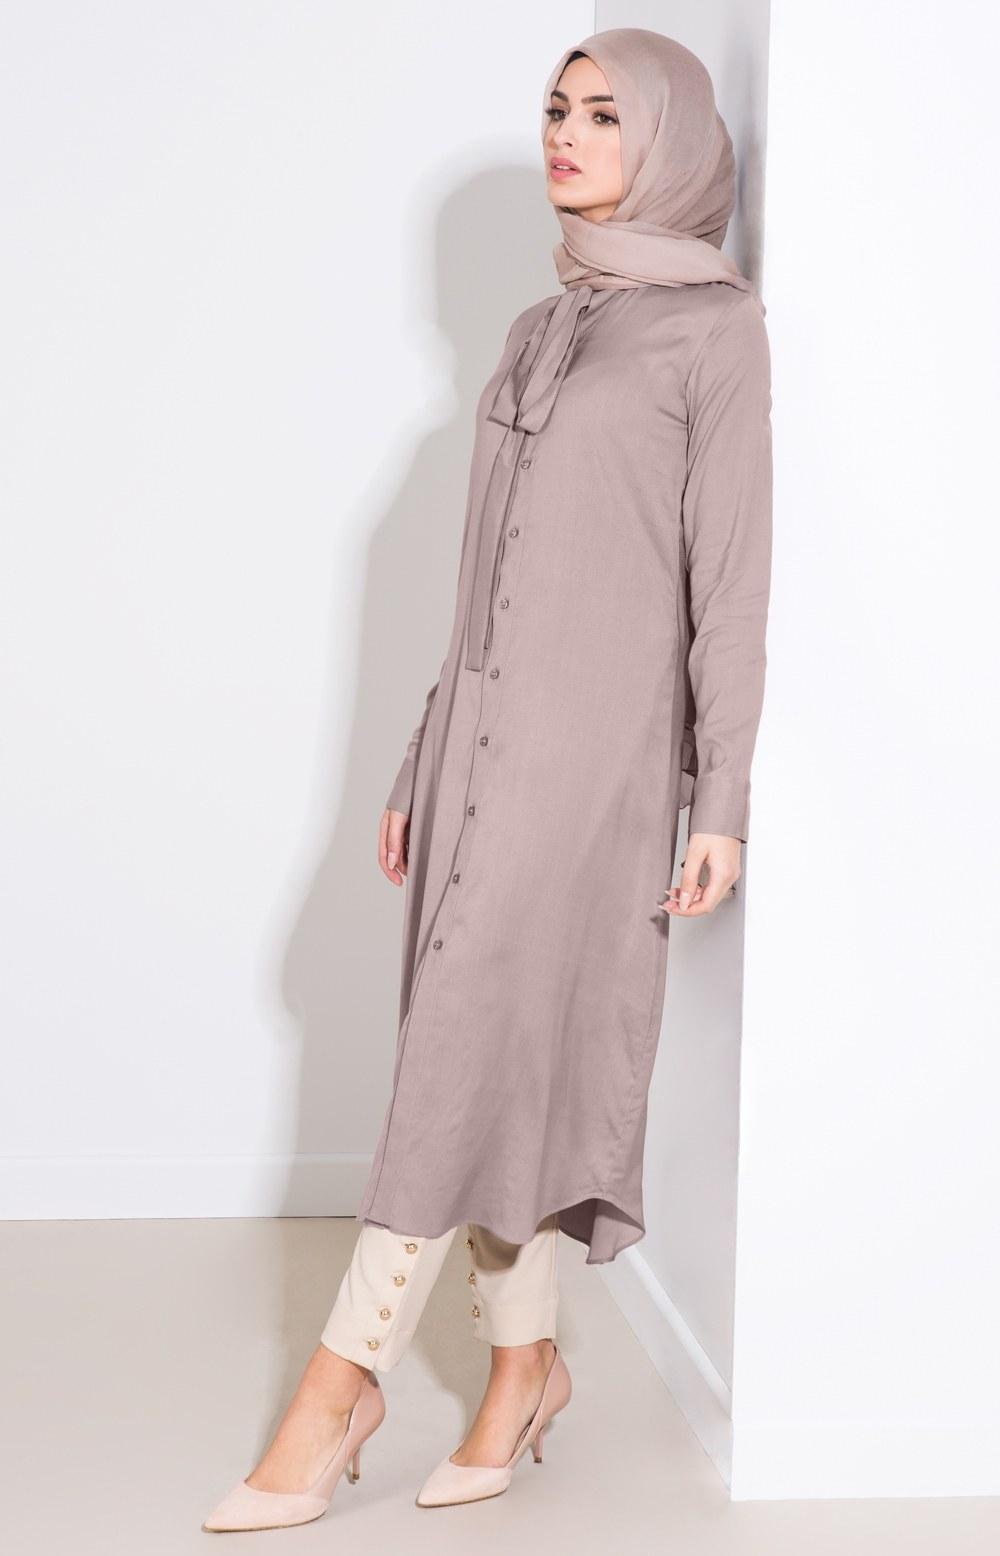 Model Gambar Model Baju Lebaran 9ddf 2017 toko Baju Dan Celana Murah Meriah